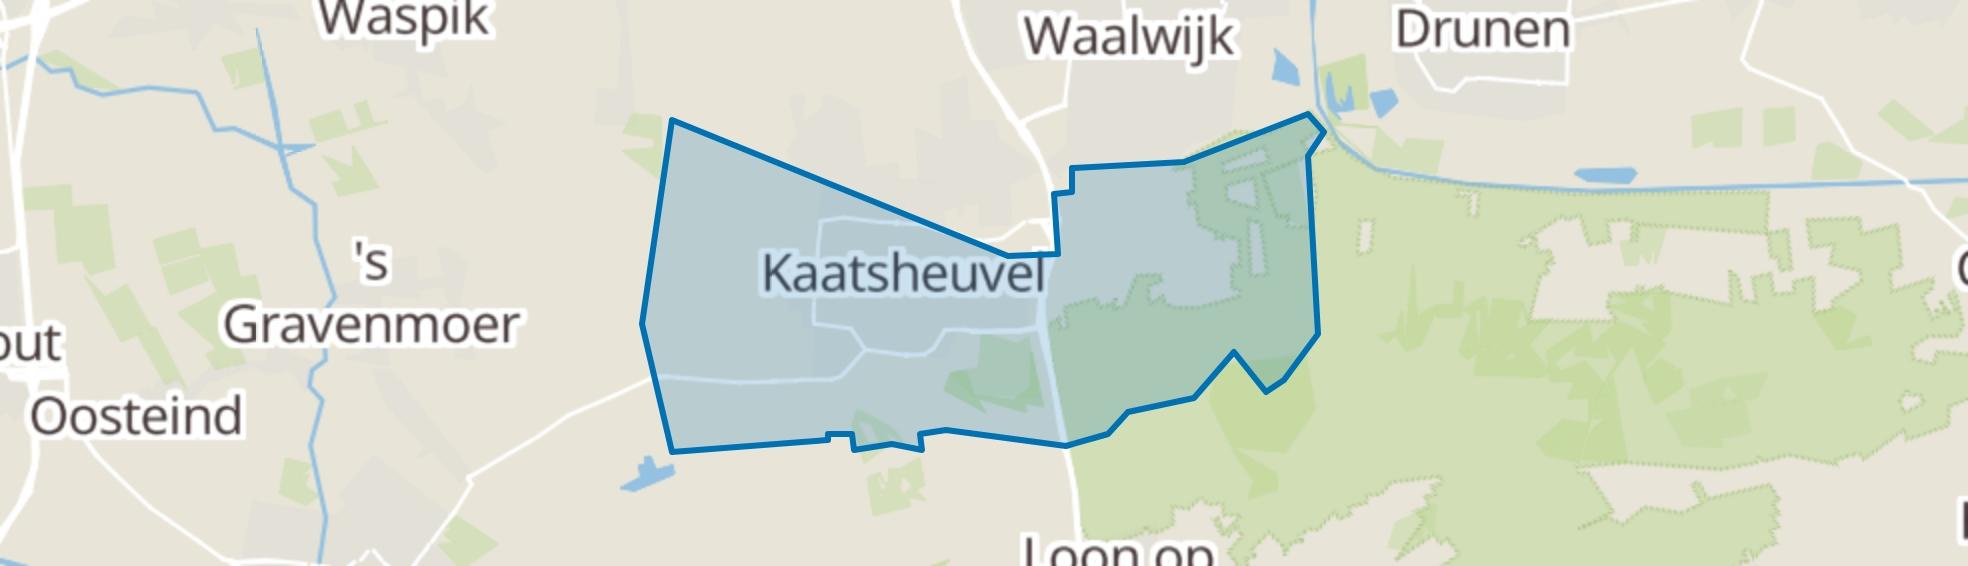 Kaatsheuvel map